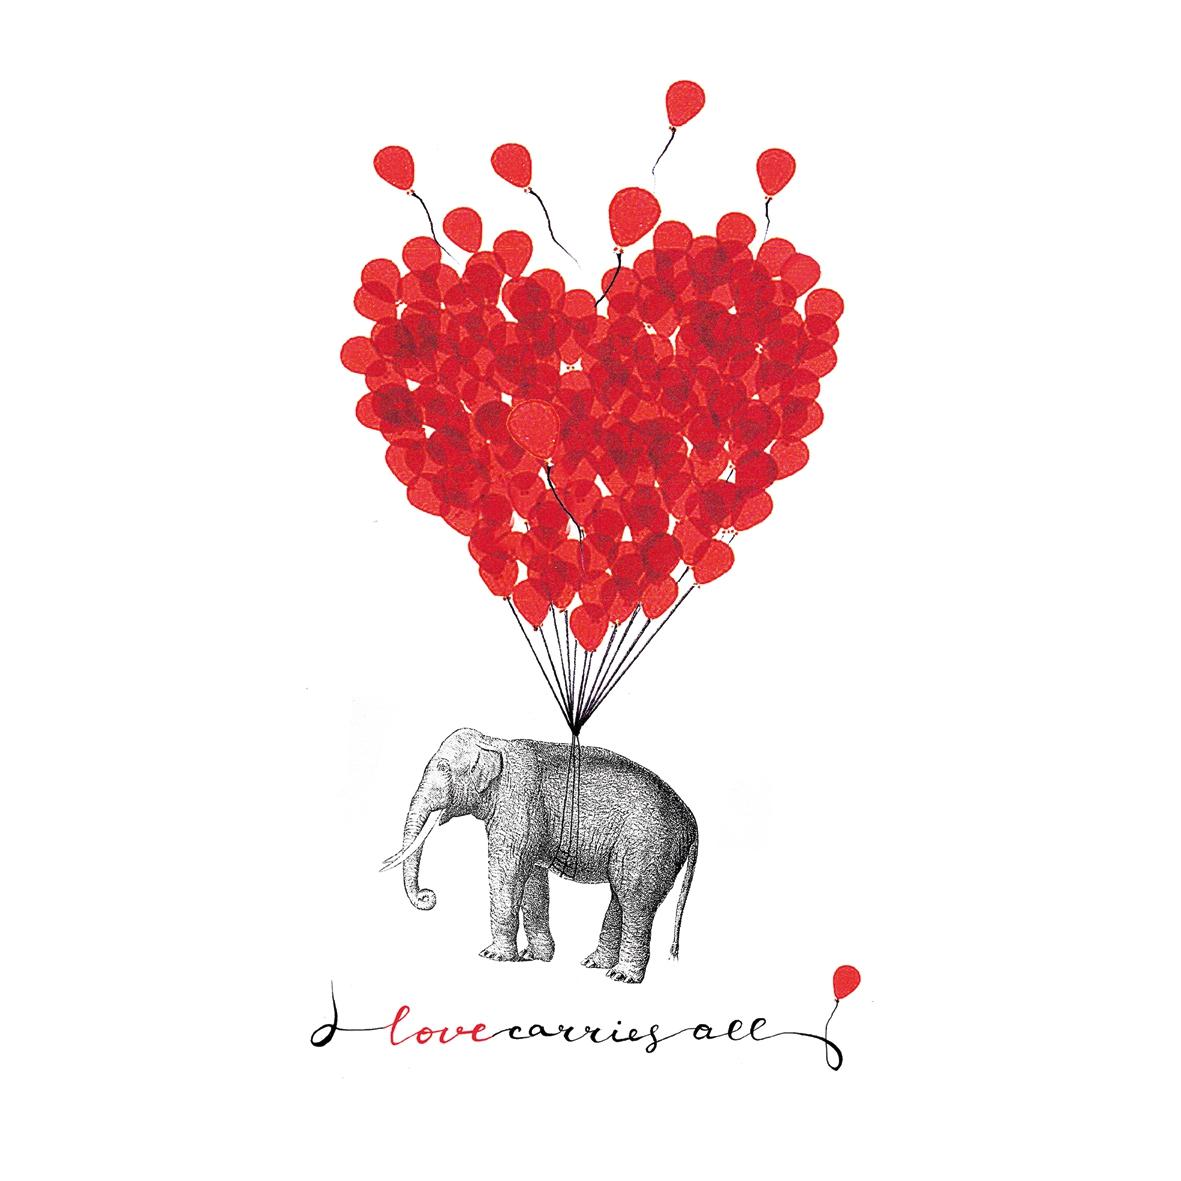 Servilletas 33x33 cm - Love Carries All